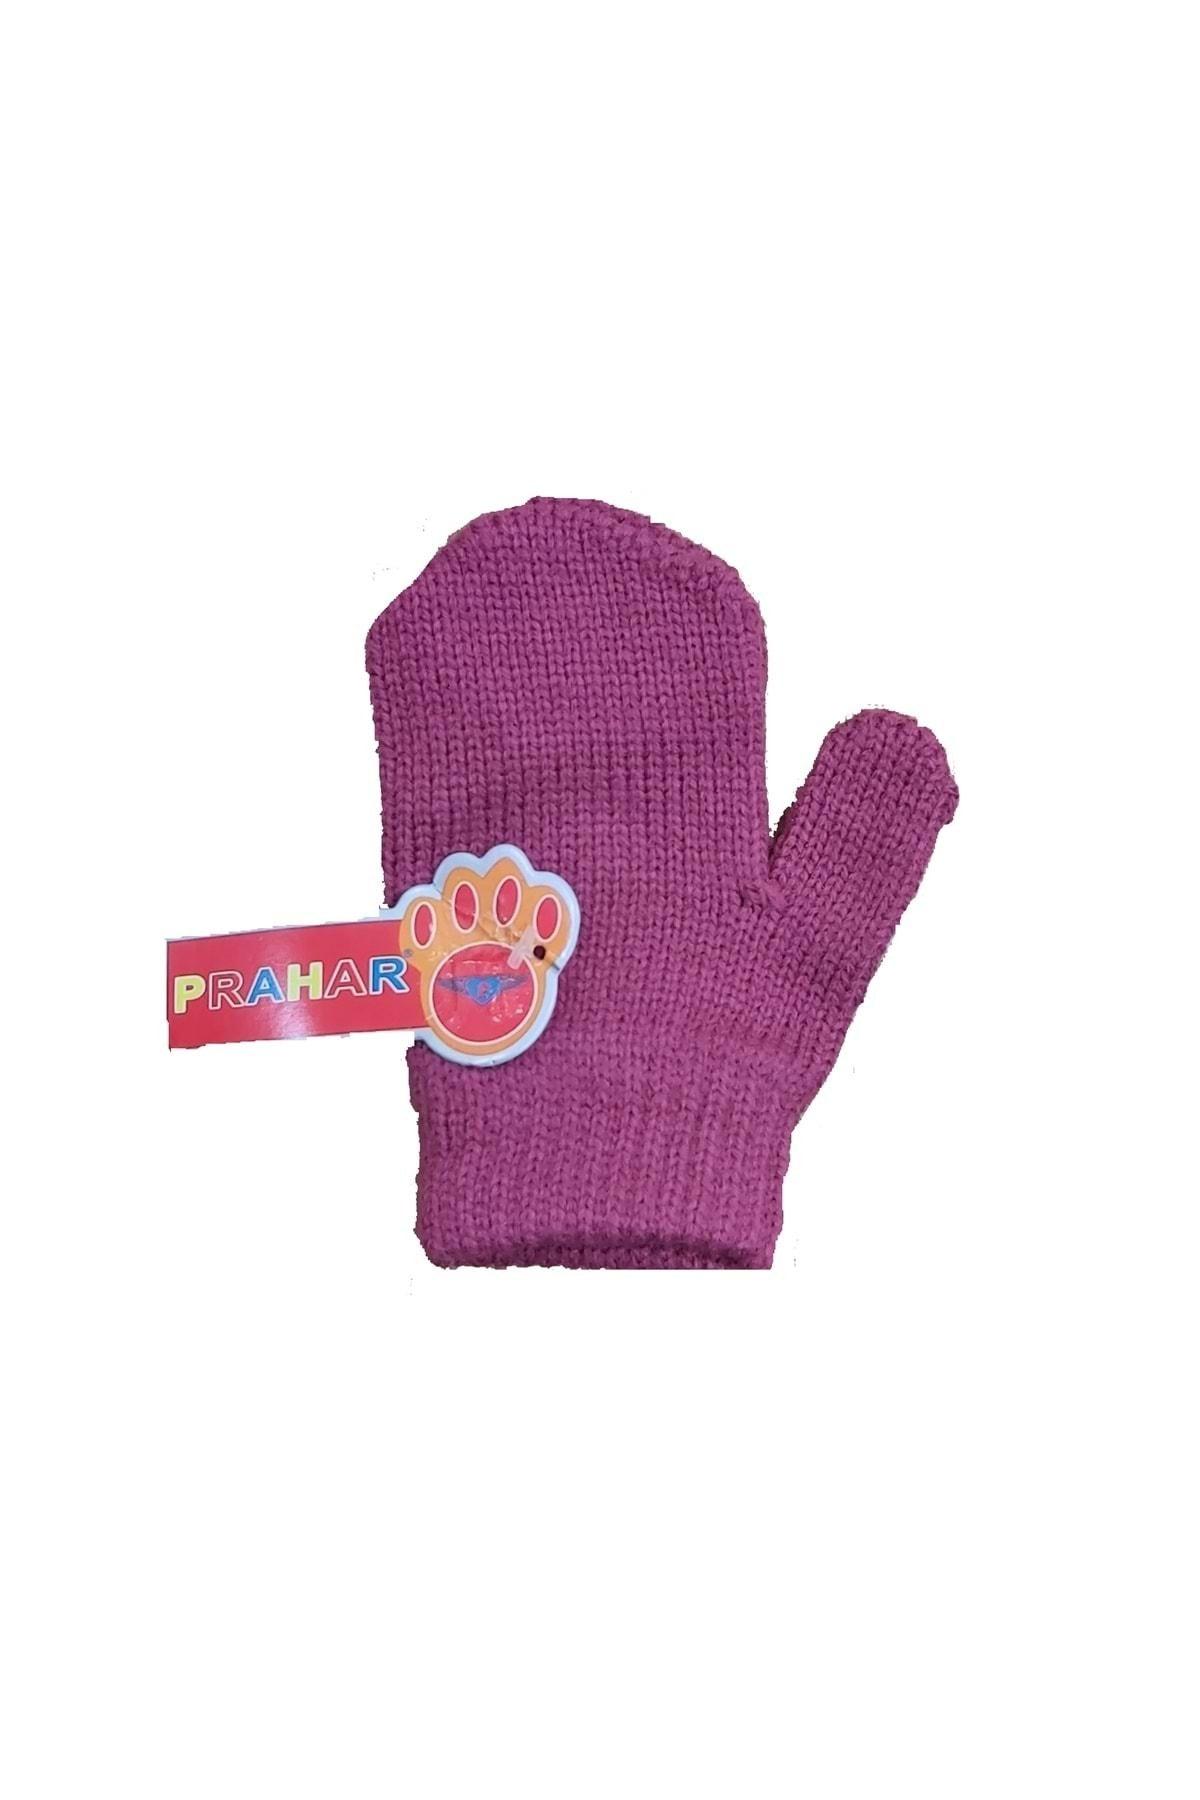 خرید ارزان دستکش بچه گانه دخترانه  برند Prahar رنگ صورتی ty79622070